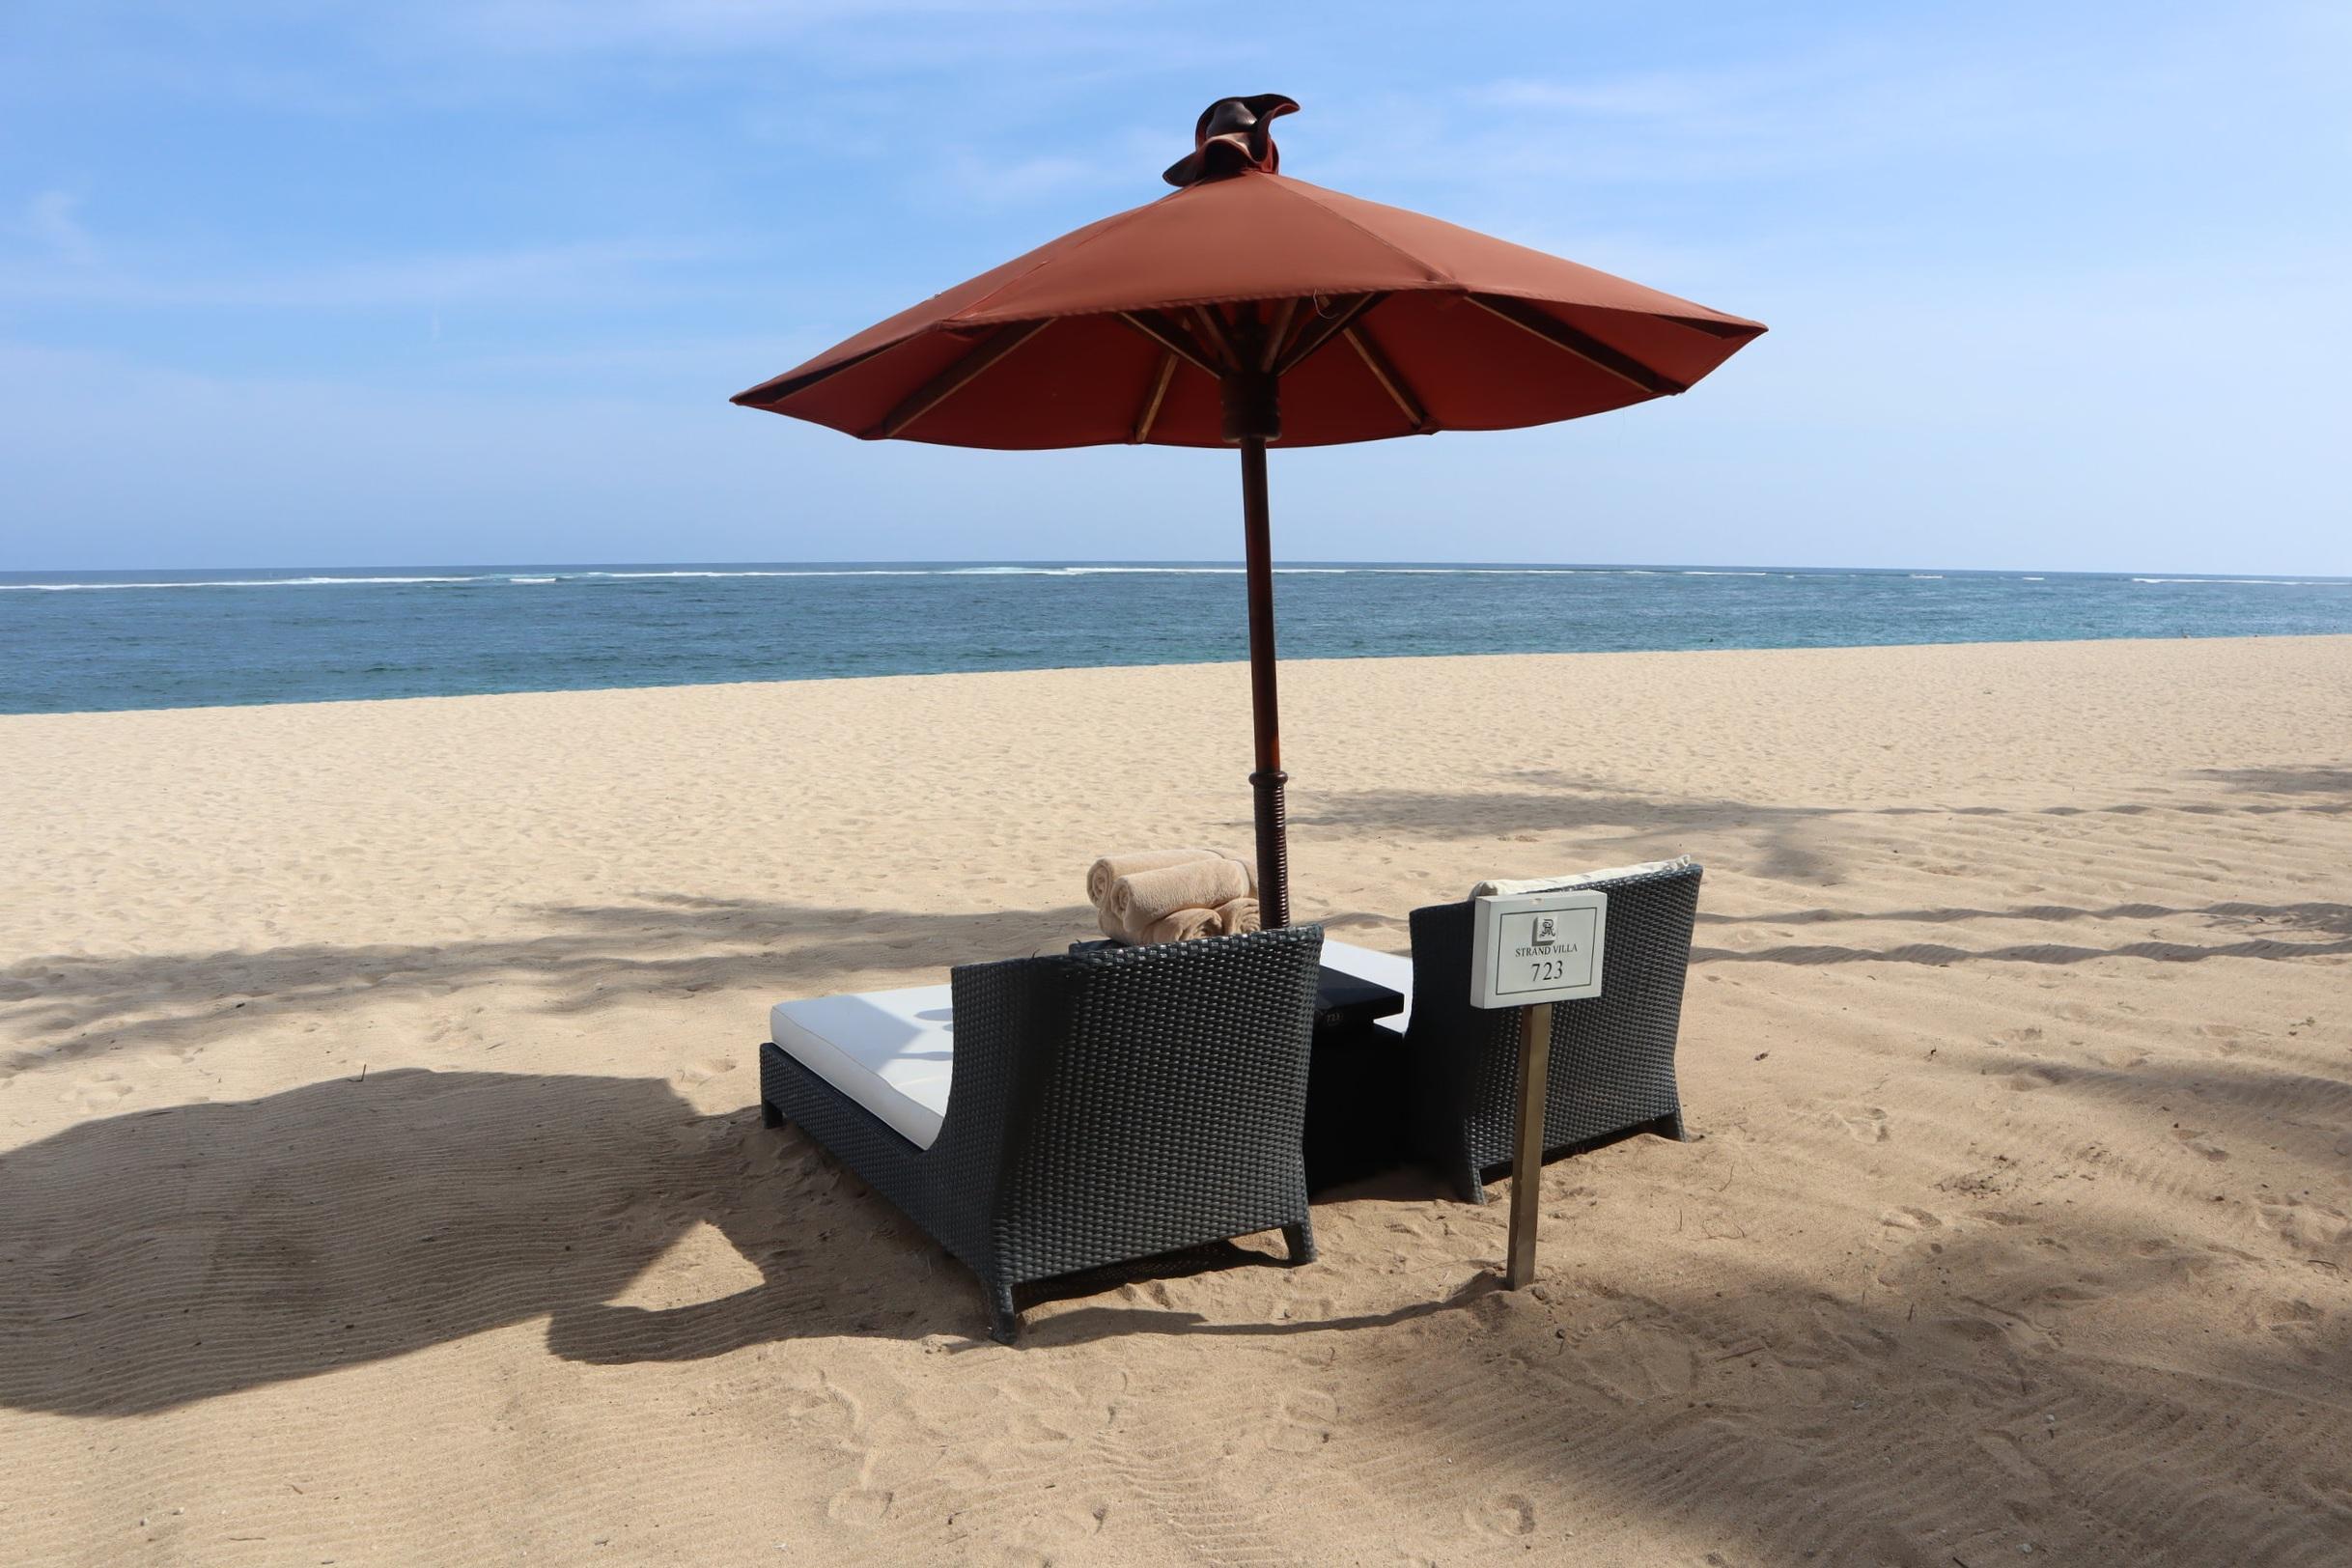 St. Regis Bali – Beach Villa private beach chairs